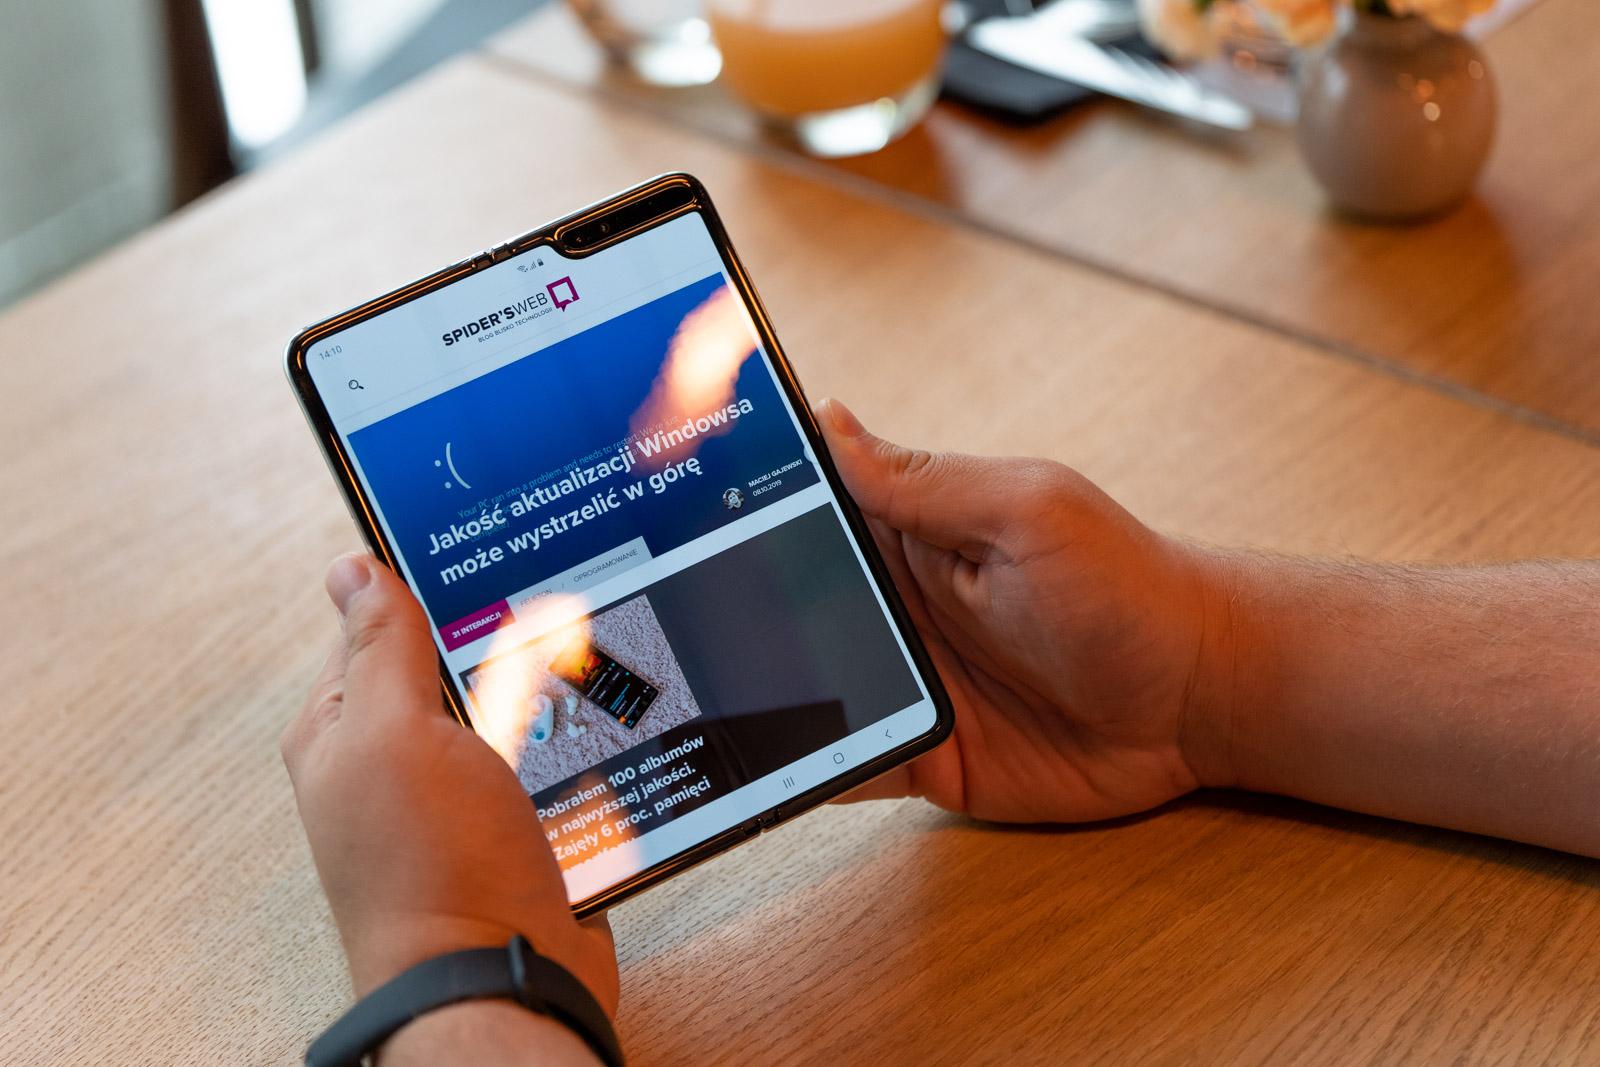 Galaxy Fold  Play-eko harpidetza batean - pantaila malgua duen smartphone baten prezioak ikasi ditugu